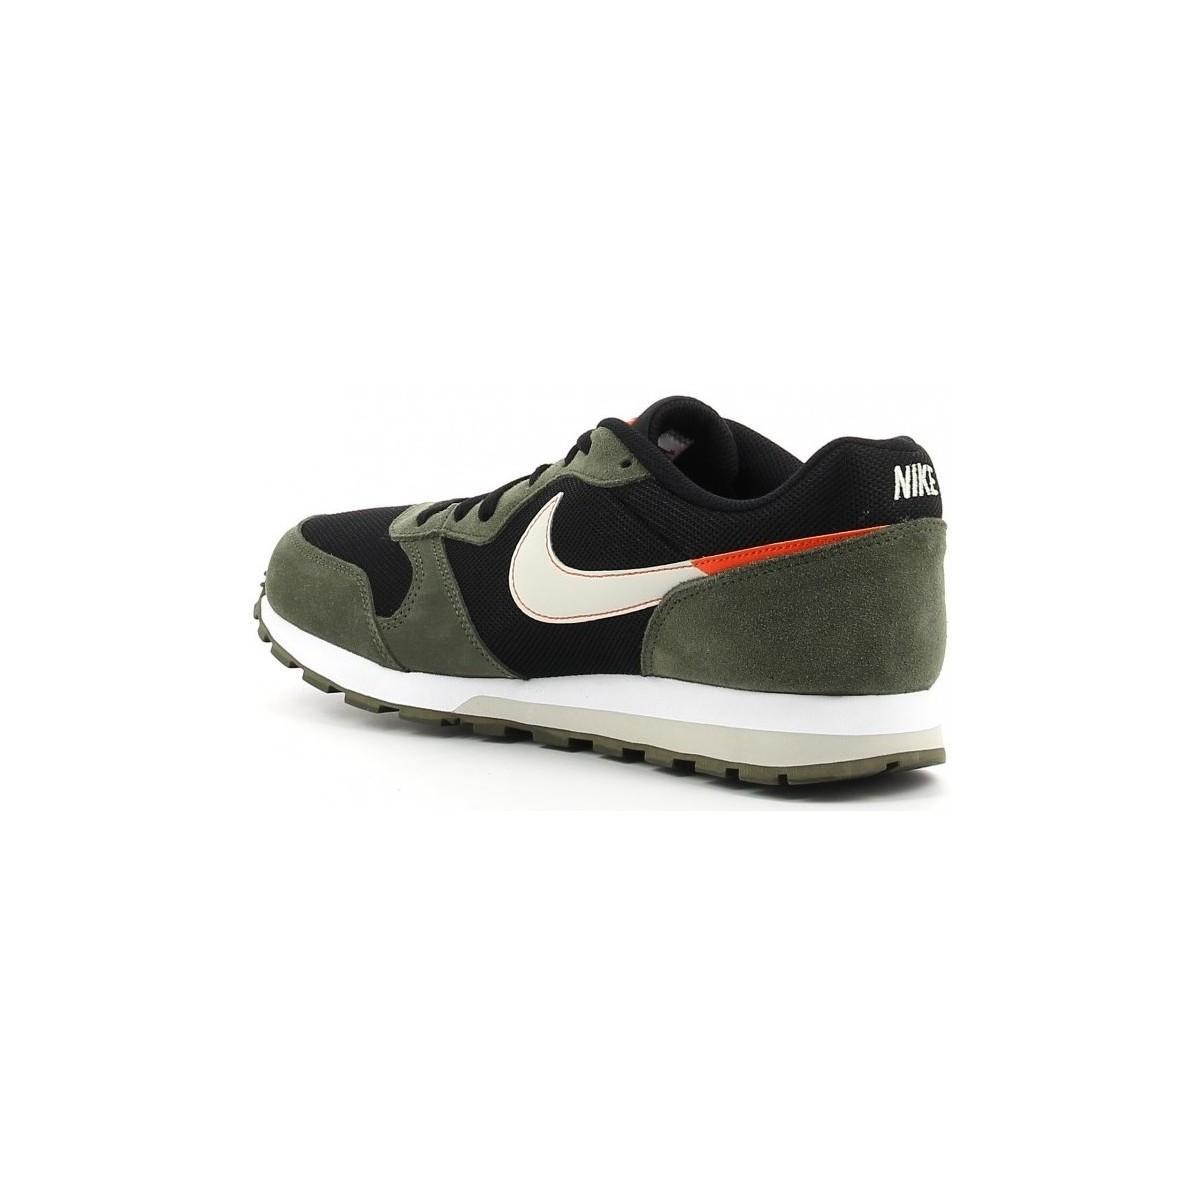 Nike Lage Sneakers Md Runner in het Groen voor heren